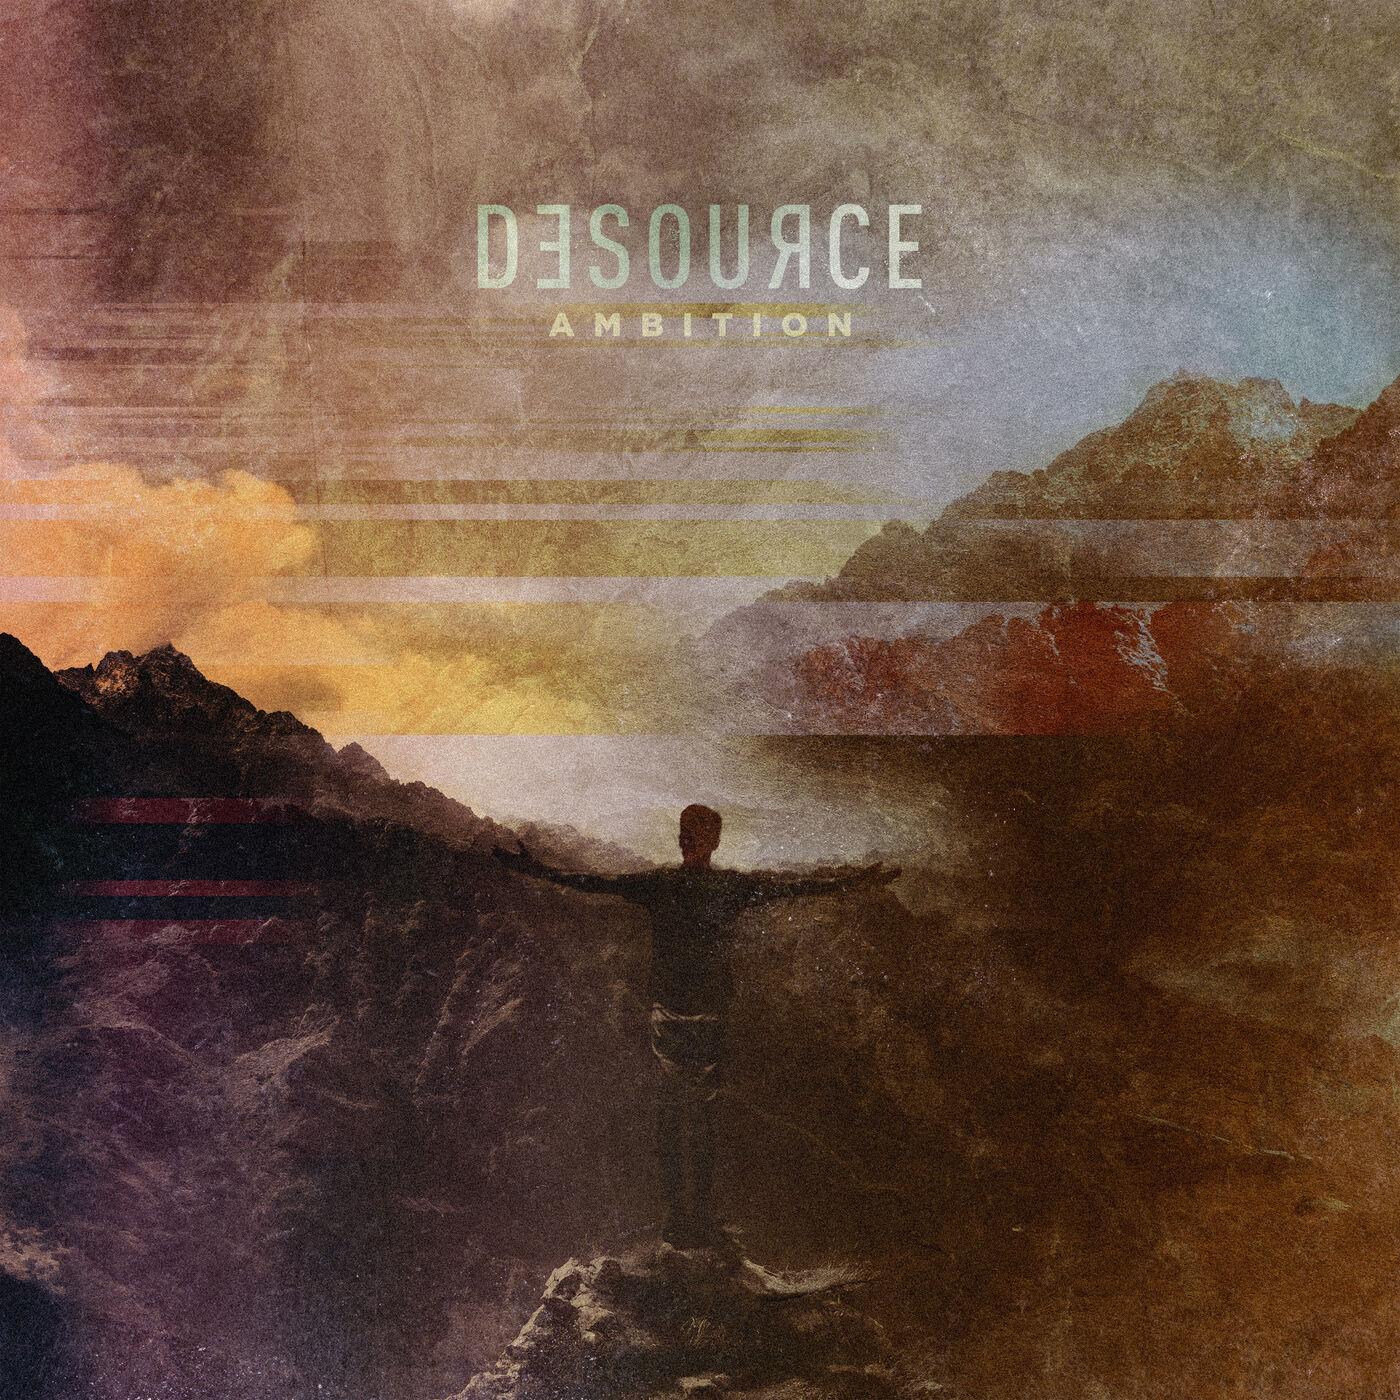 Desource - Ambition [EP] (2020)